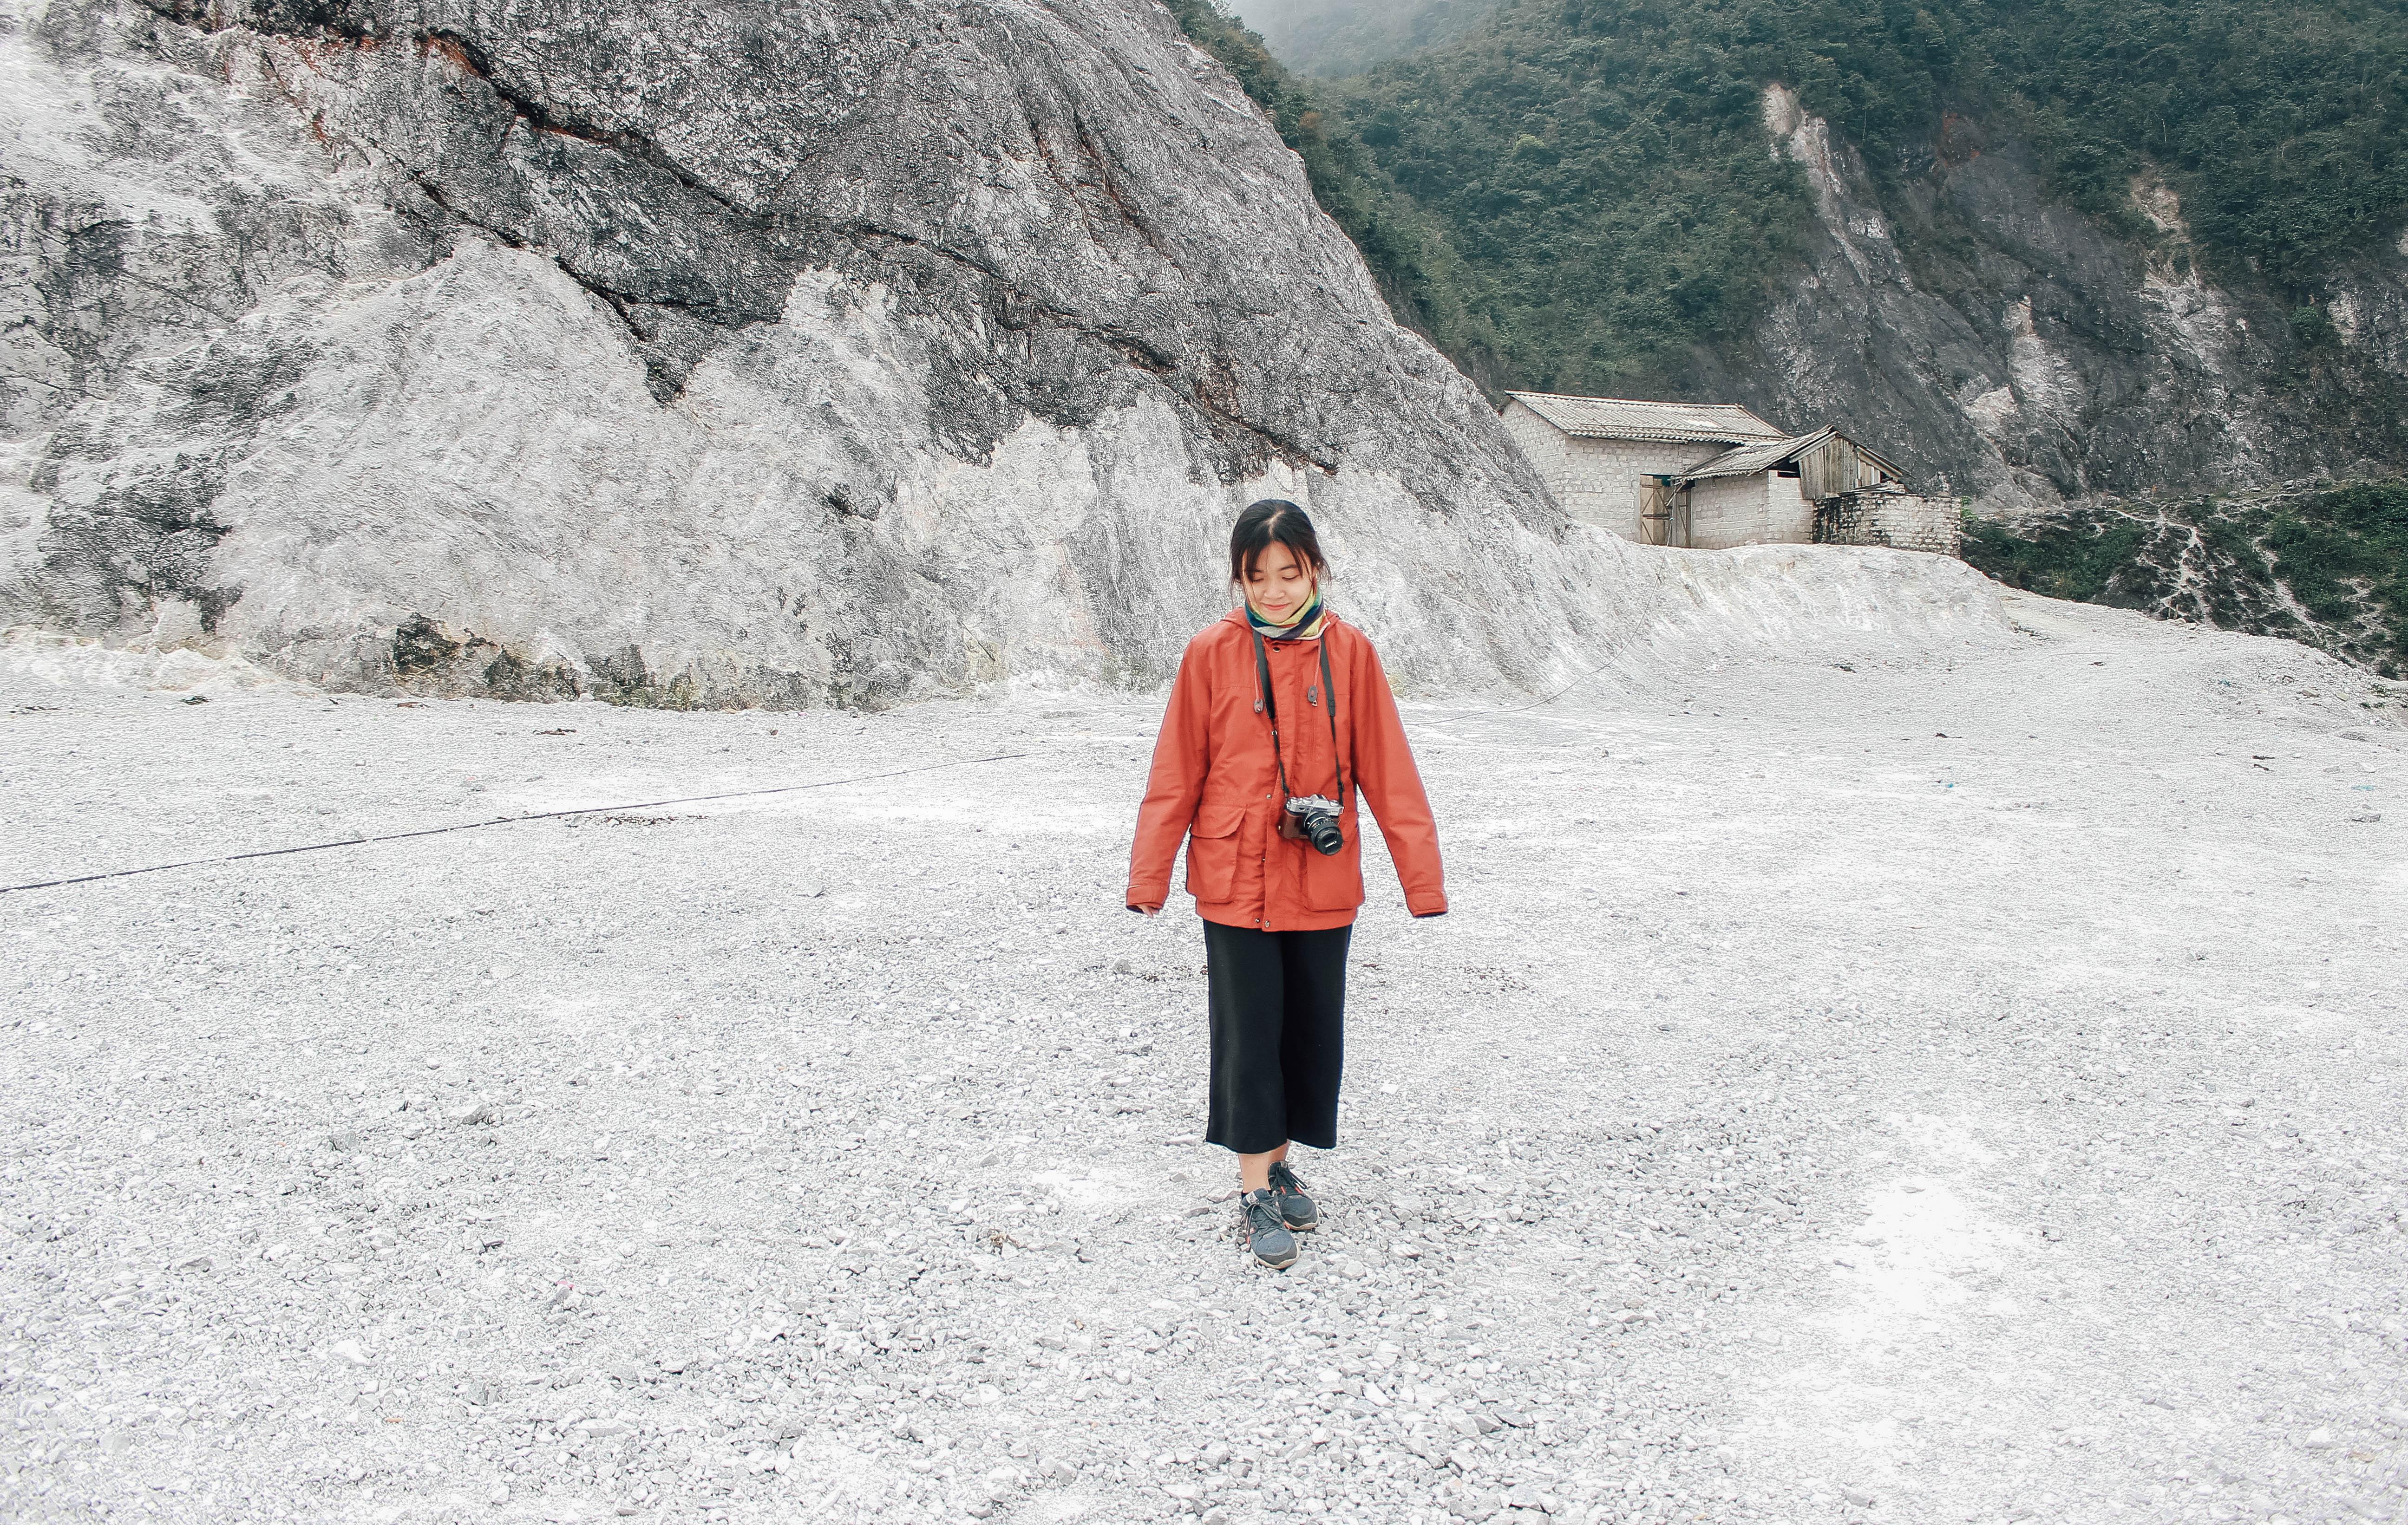 đèo thung khe - du lịch mộc châu